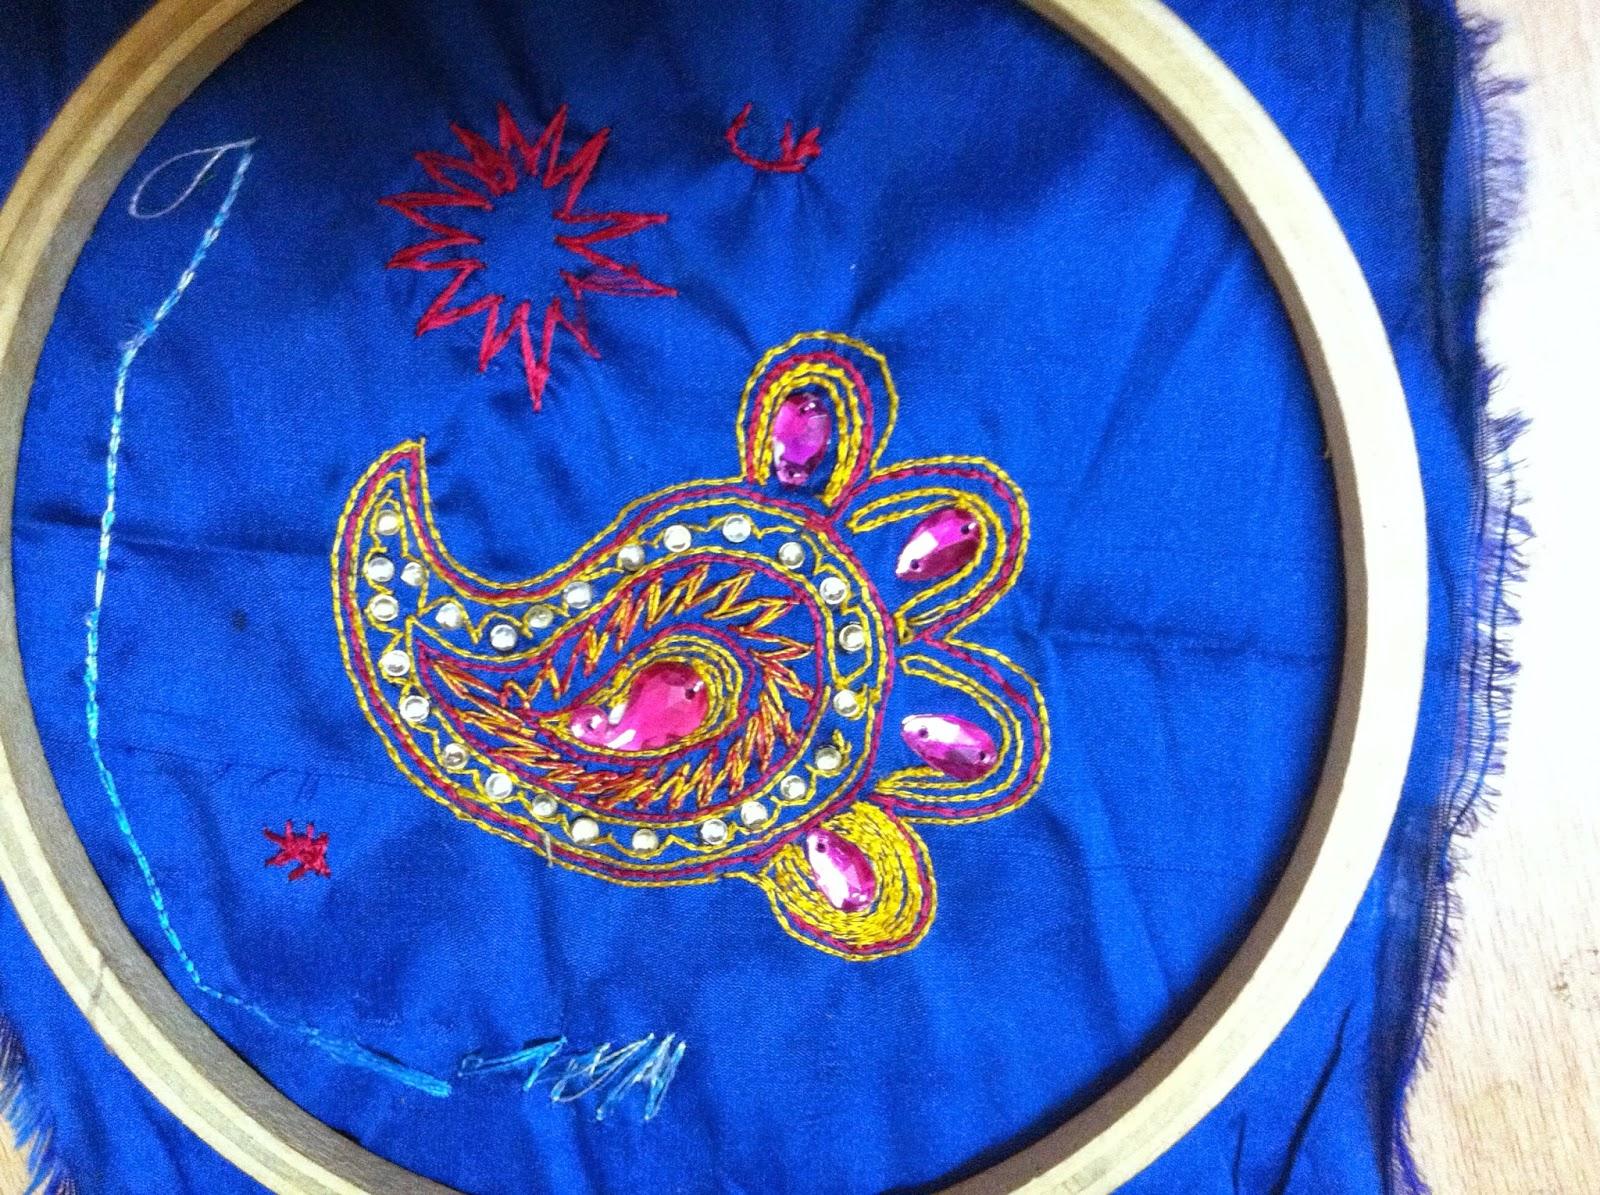 Kk arts and crafts aari embroidery tutorial links